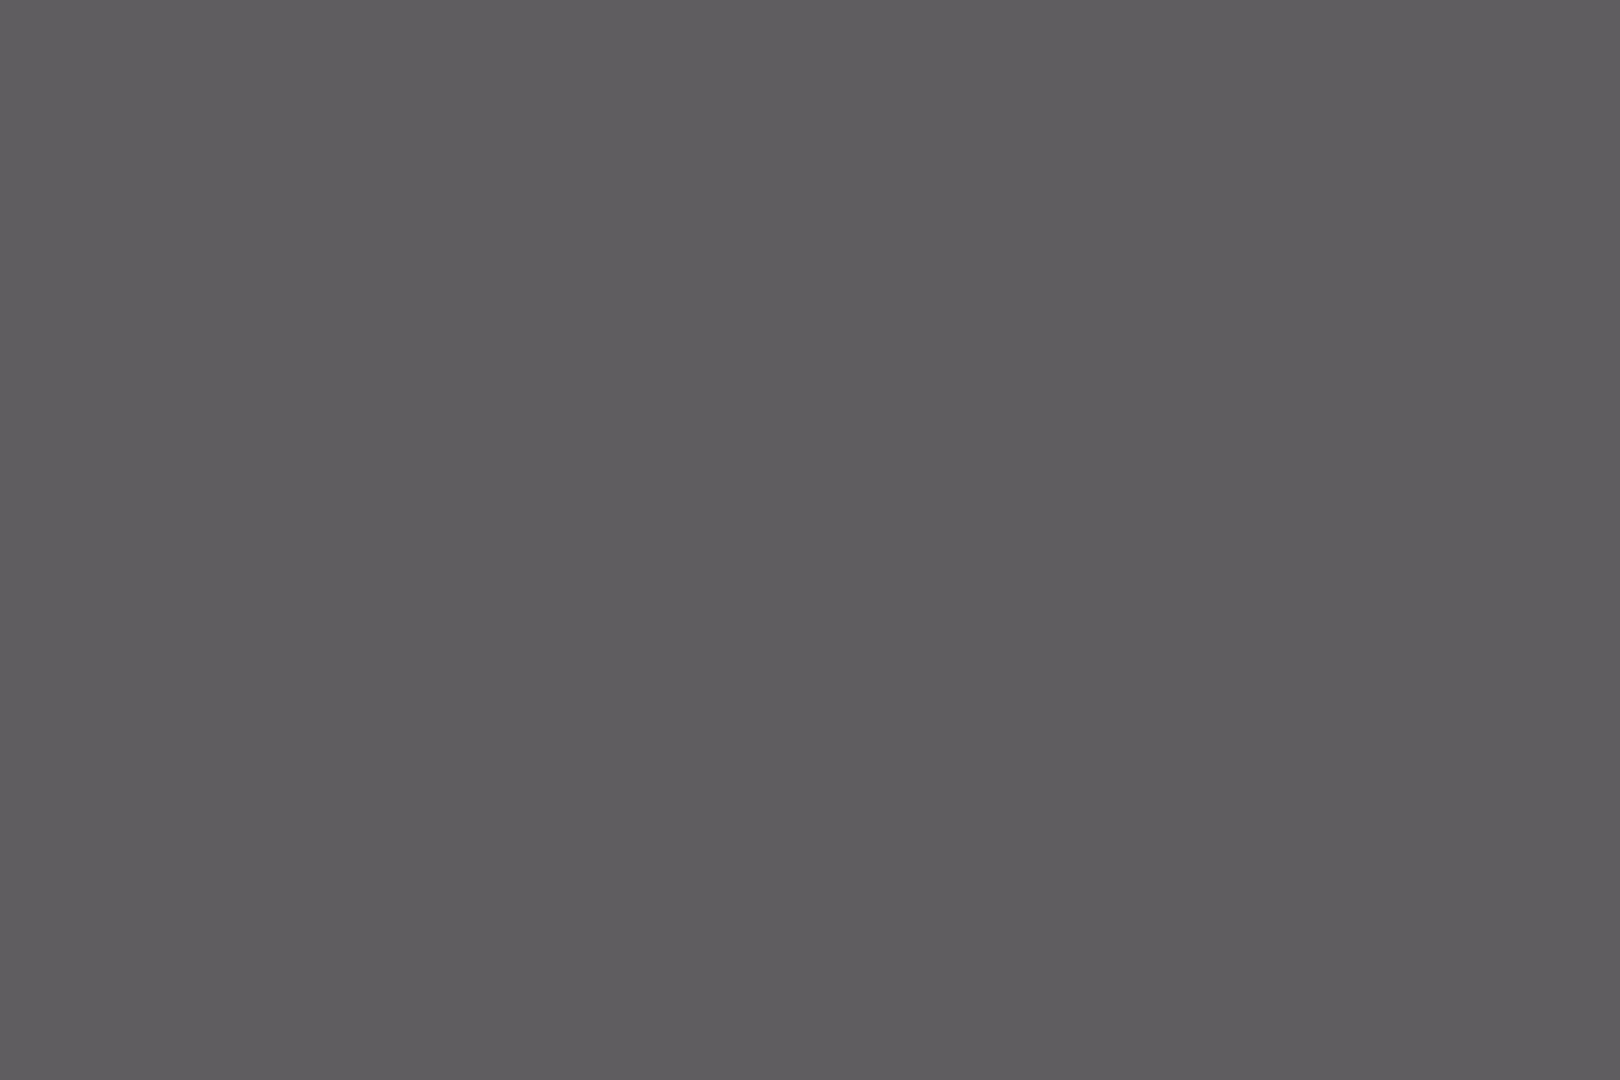 充血監督の深夜の運動会Vol.8 乳首   エロティックなOL  106画像 96